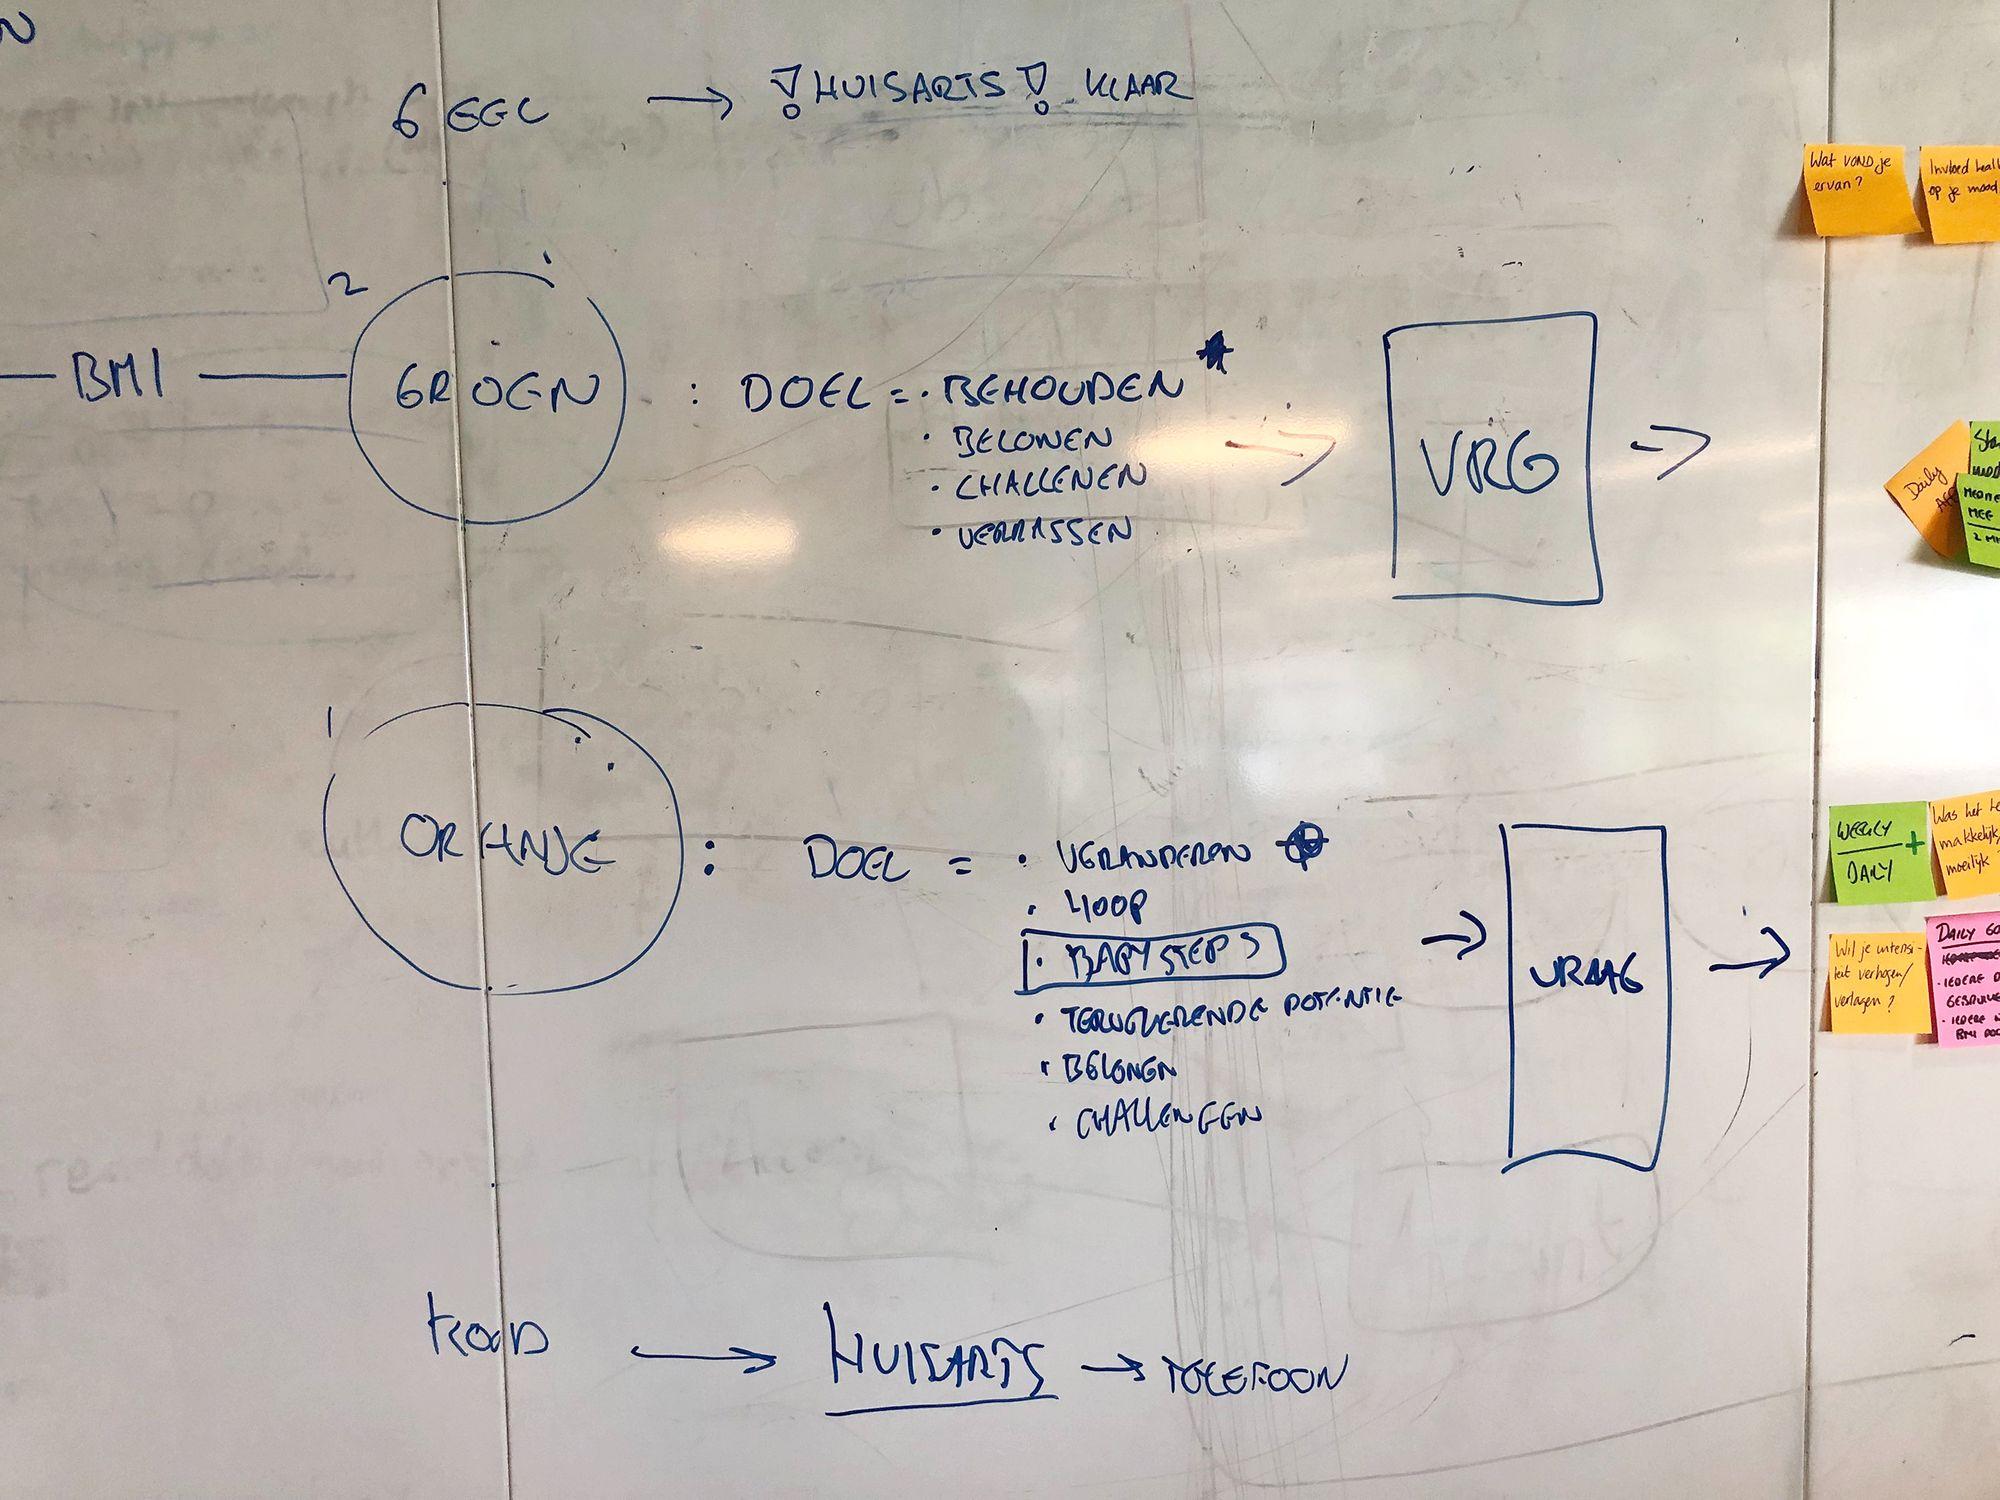 Whiteboard met een getekende flow van de BMI-meter